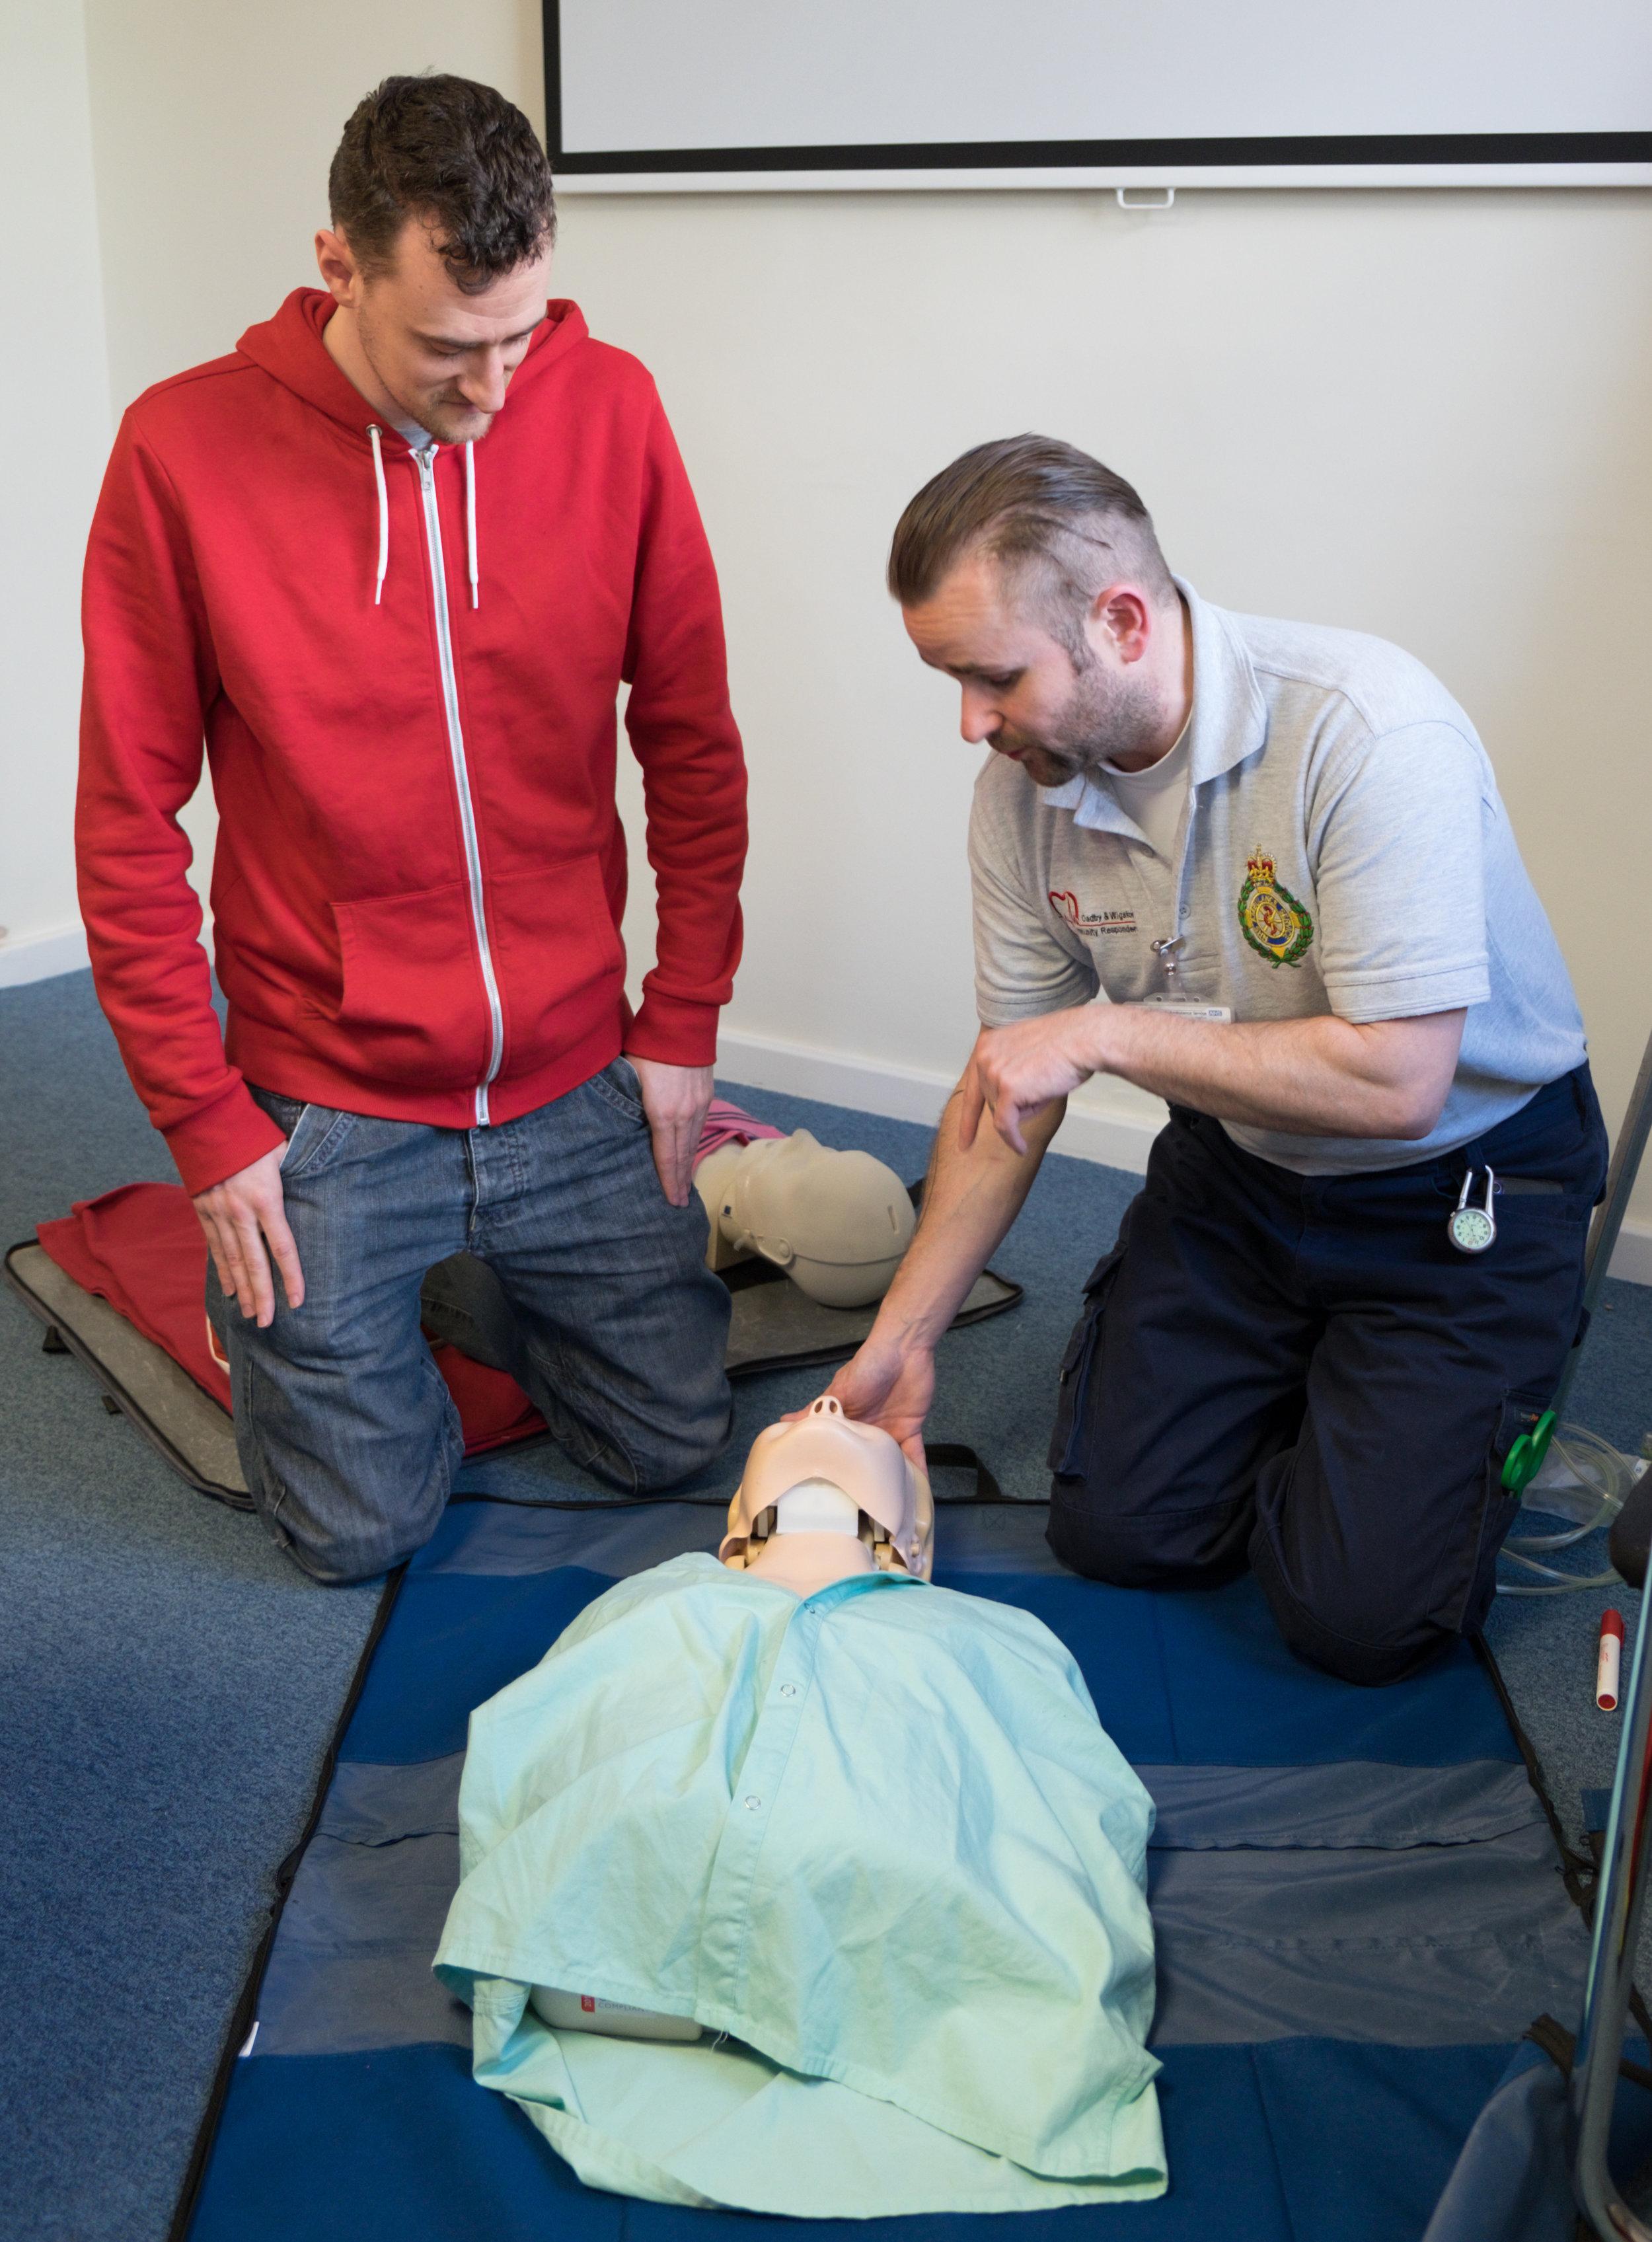 Scott's day of life saving training